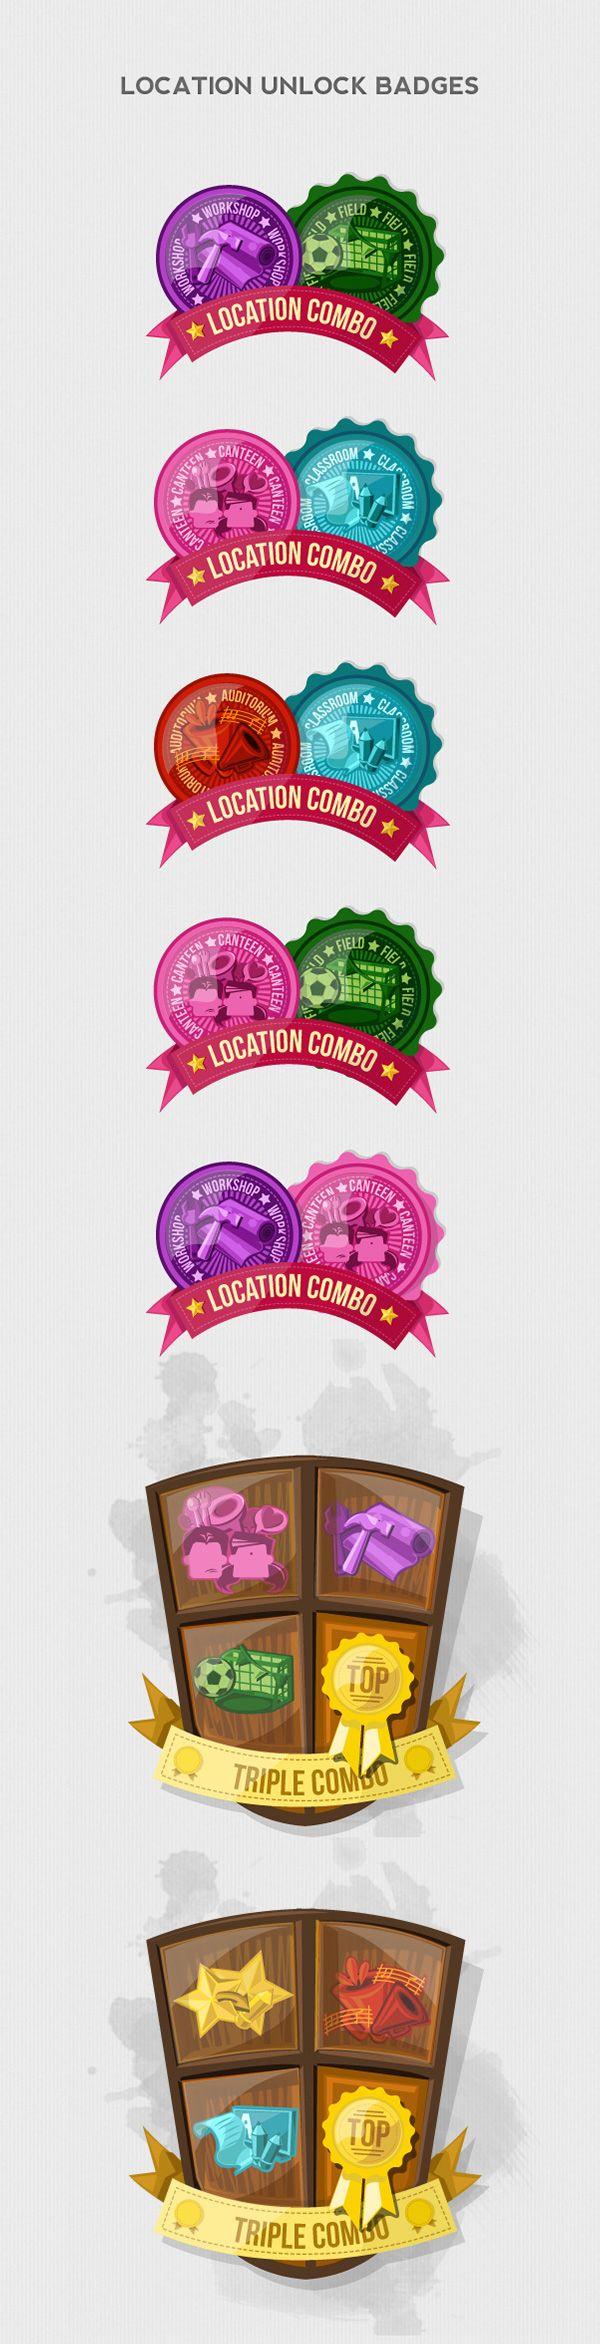 Achievement Badges & Flags 2D Illustrations on Behance